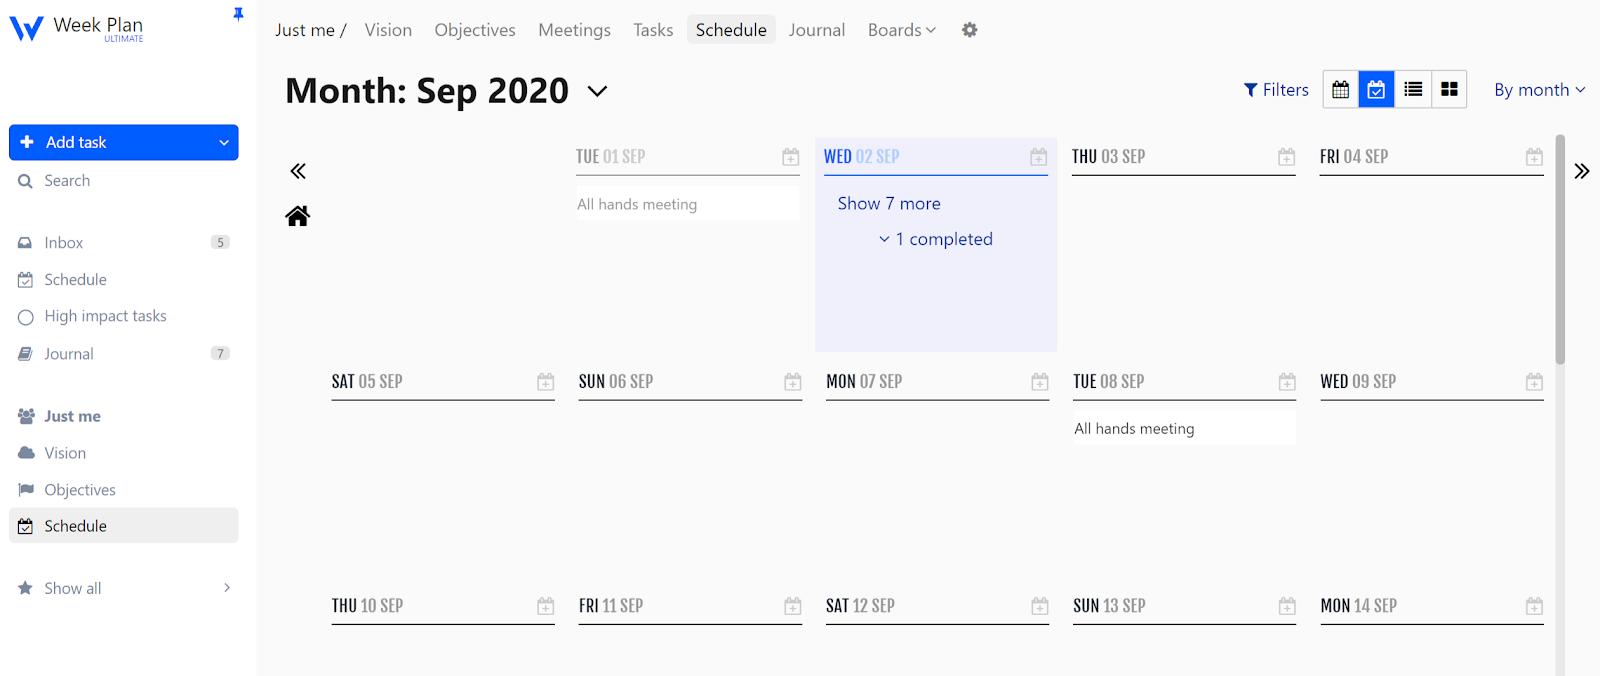 Week-Plan-Work-Planner